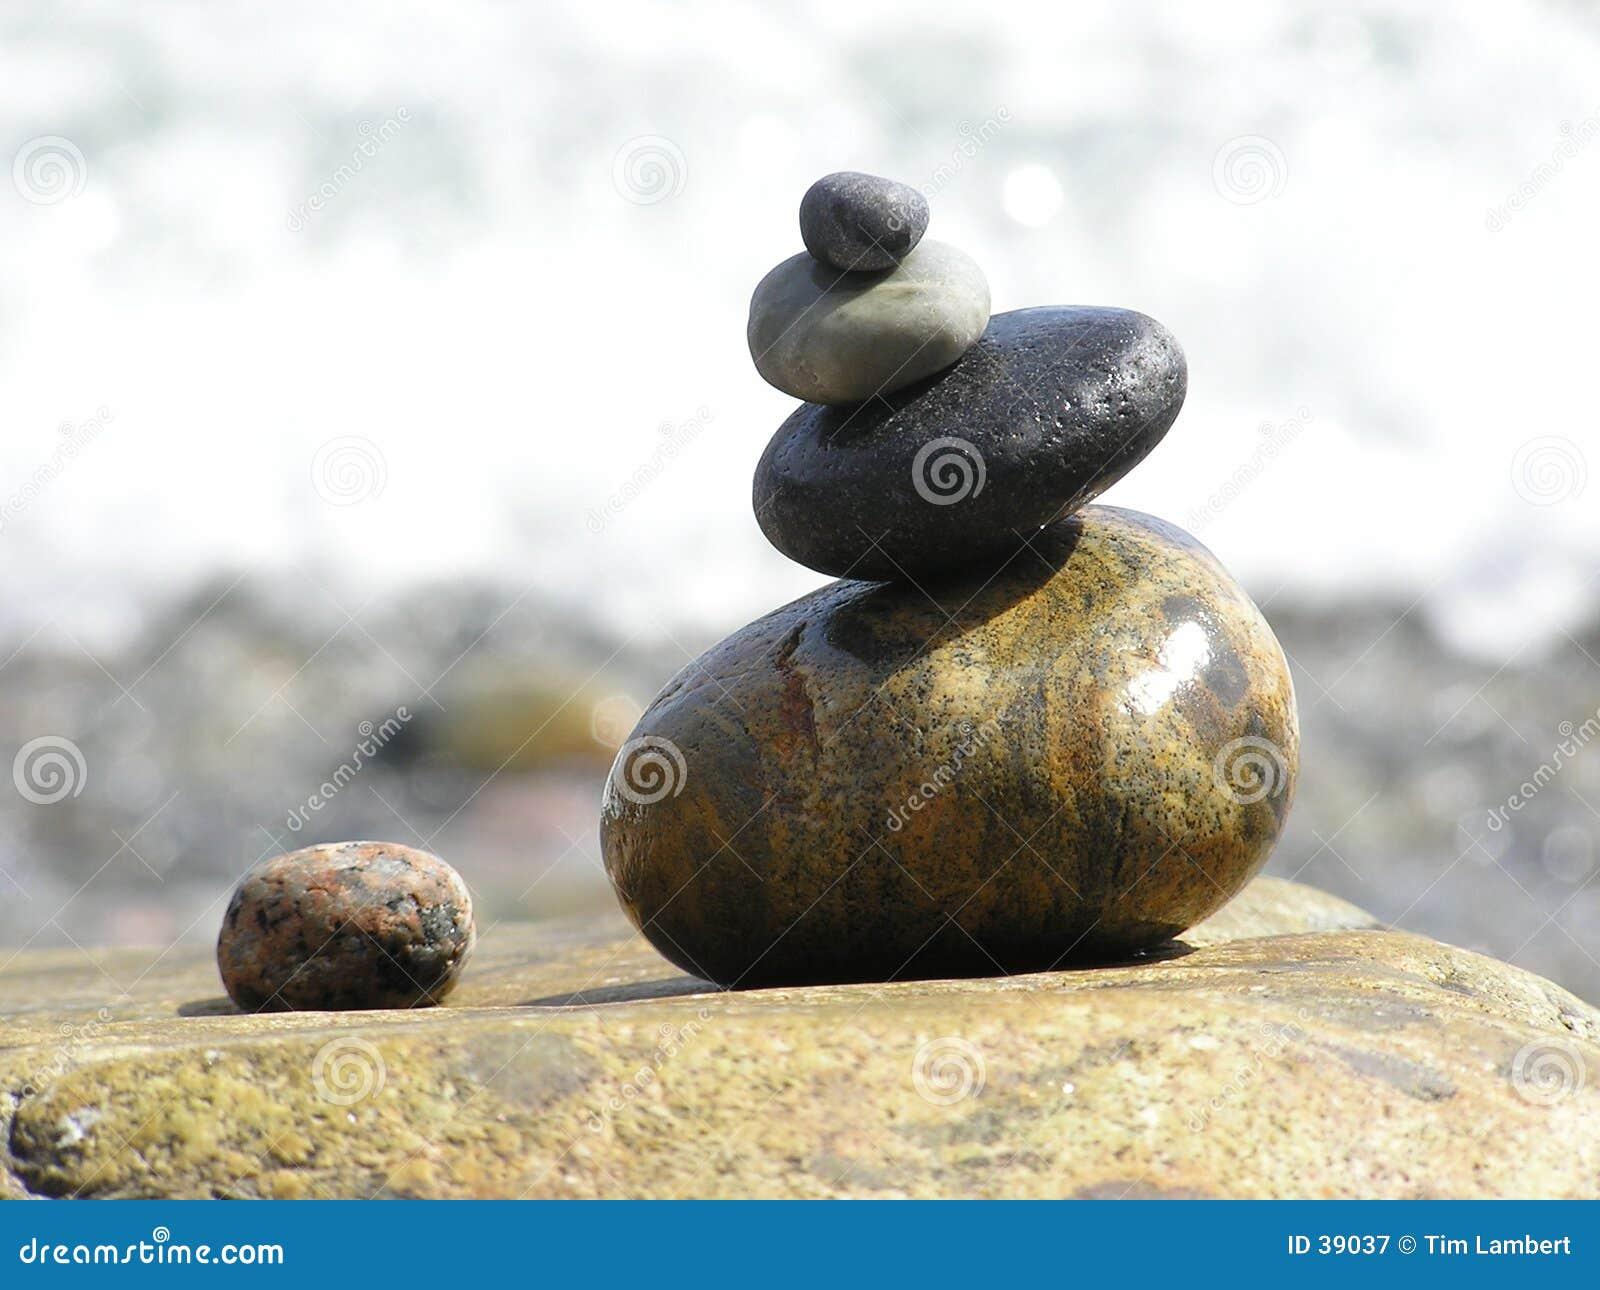 Download Felsendenkmal stockbild. Bild von tranquility, schwerpunkt - 39037